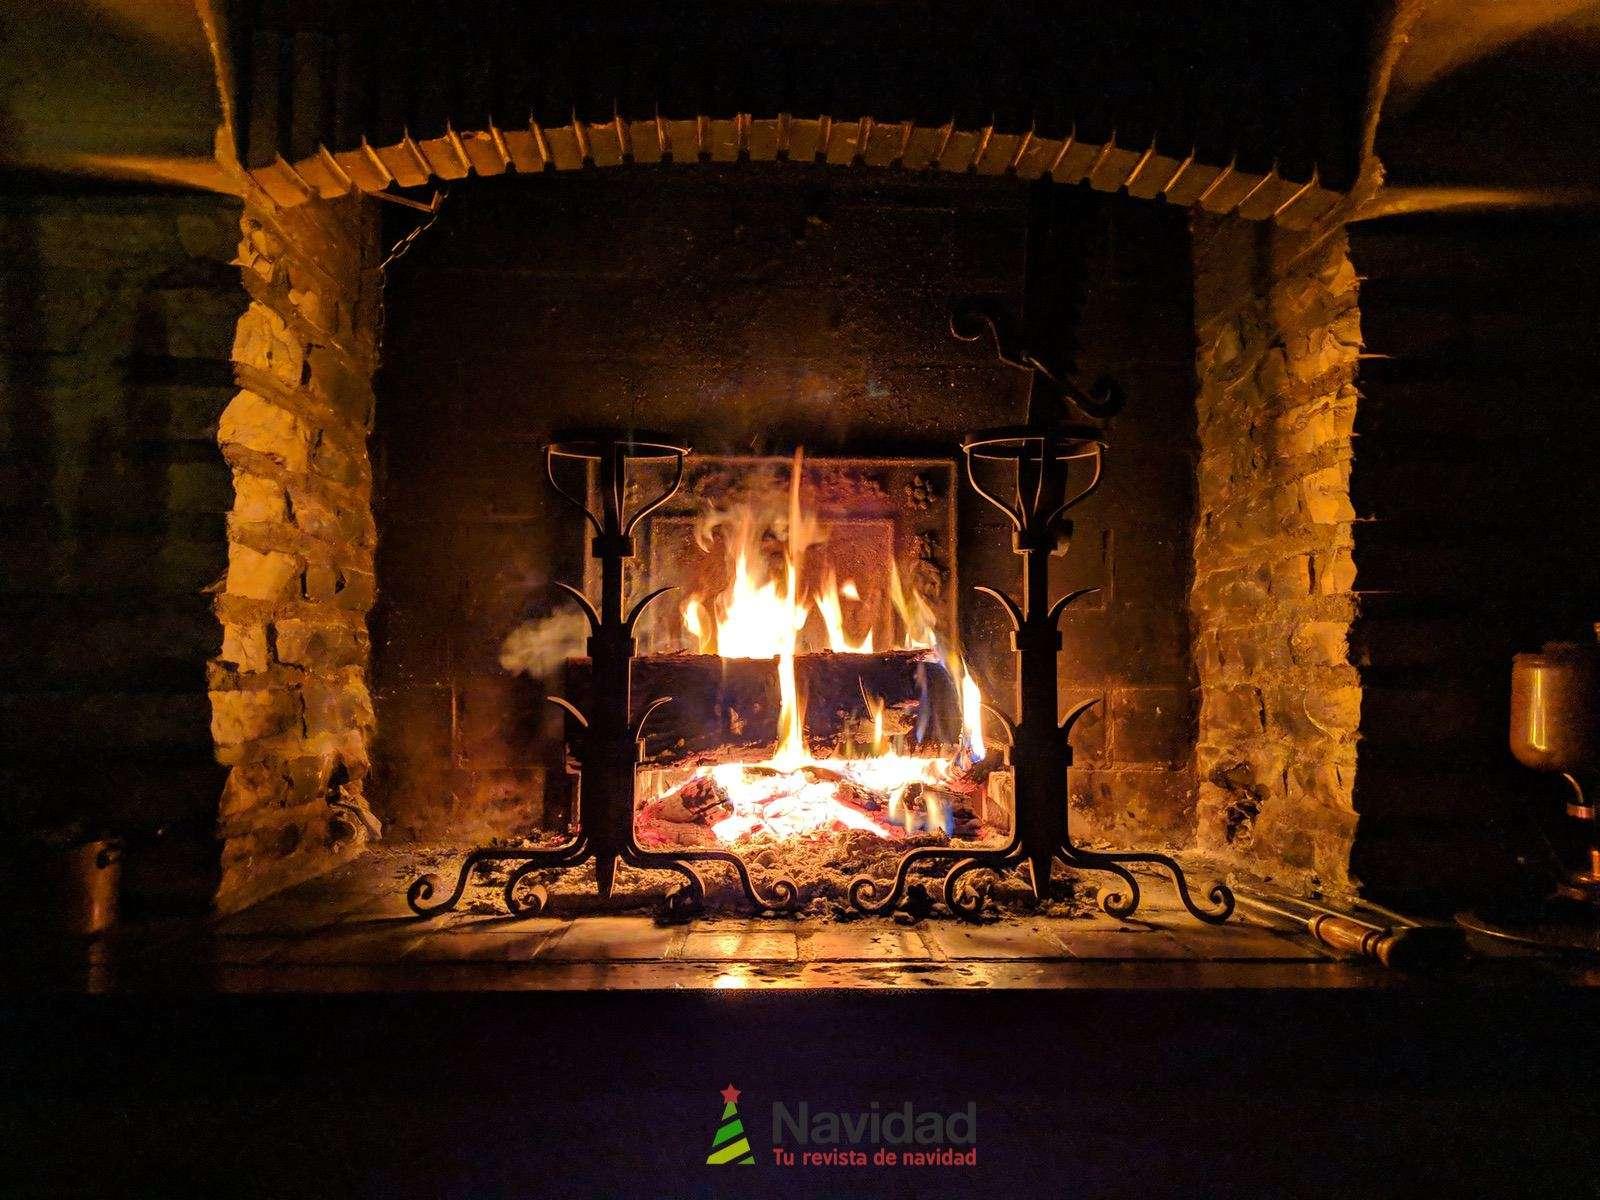 Chimeneas de Navidad para decorar y dar calor en fiestas 58